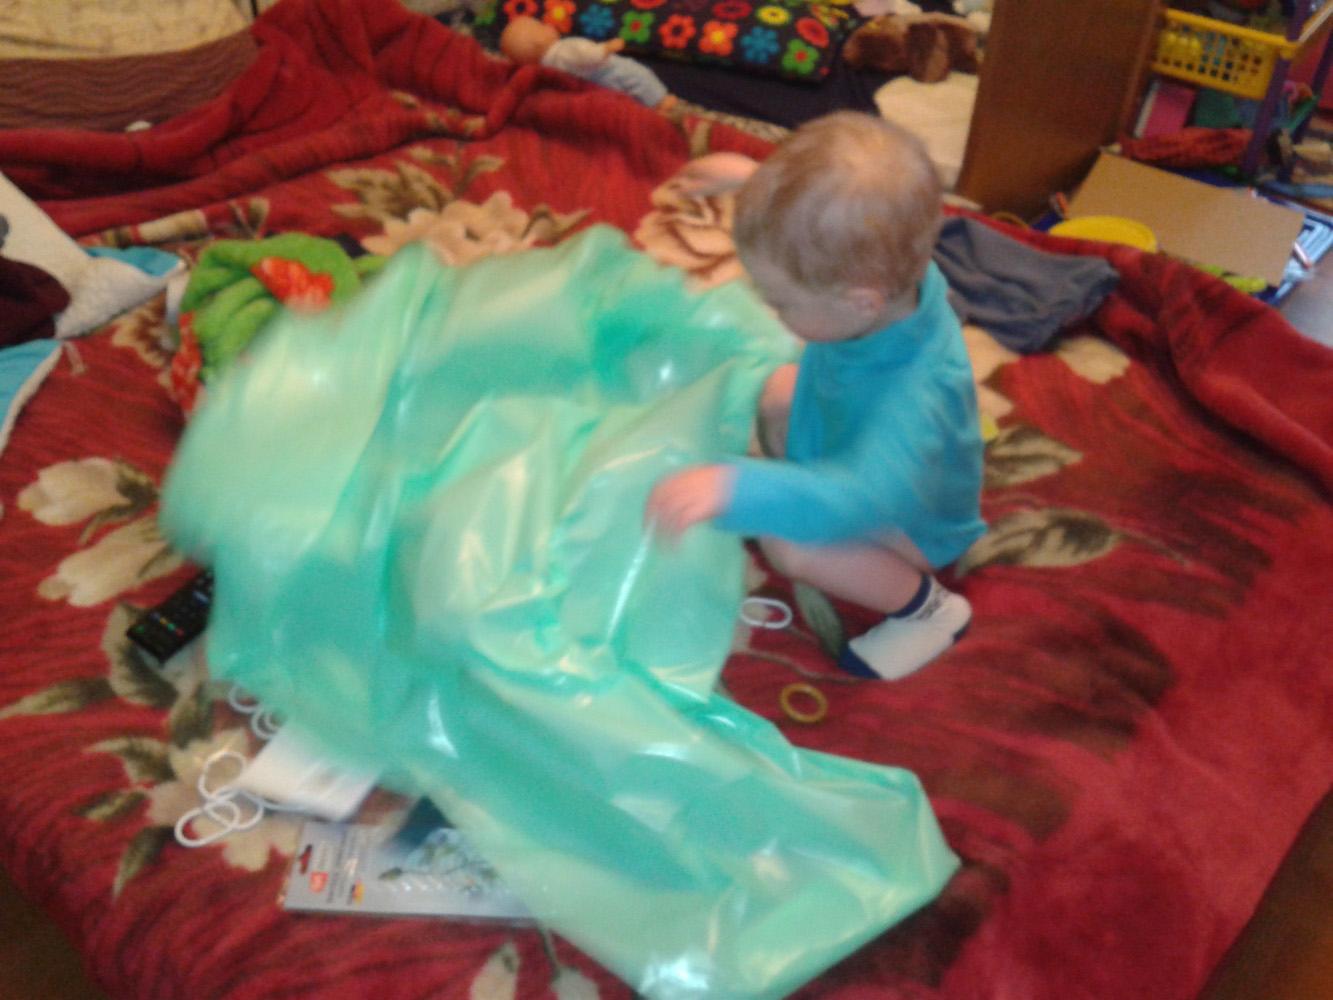 Тетя сосет у маленького мальчика фото 23 фотография